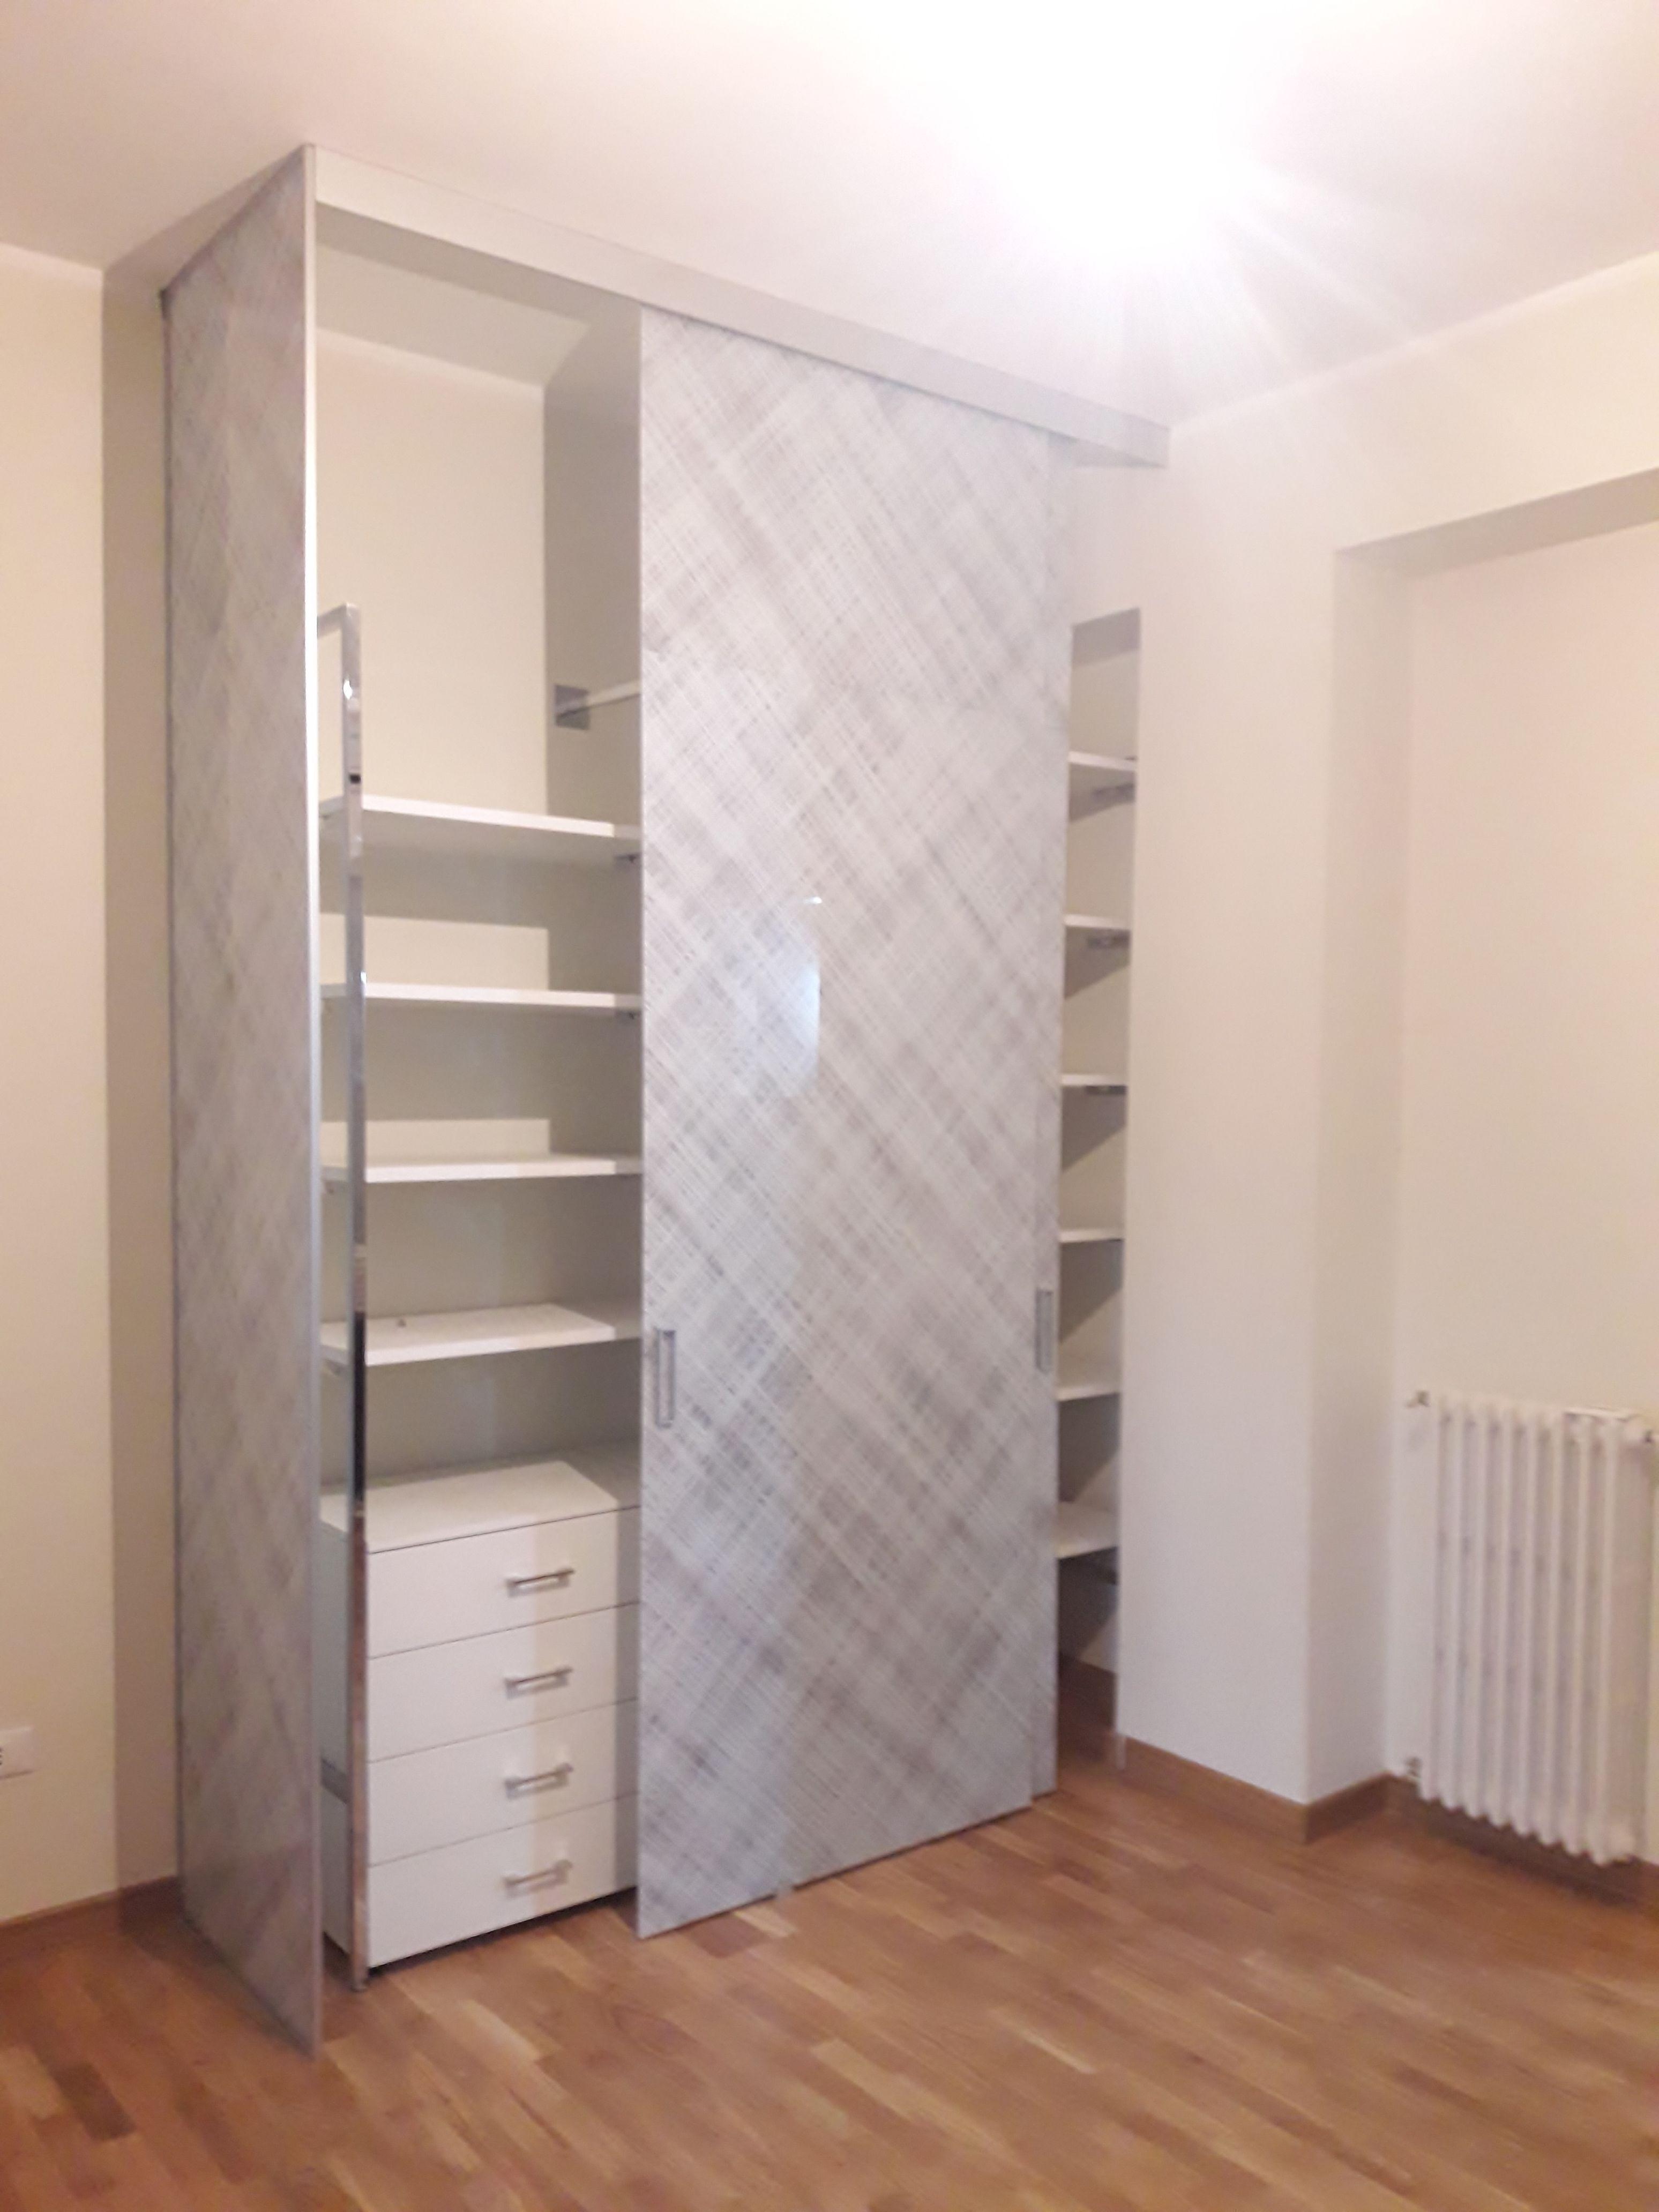 Cucine Moderne Con Ante Scorrevoli.Cabina Dispensa In Vetro Con Ante Scorrevole E Una Porta Due